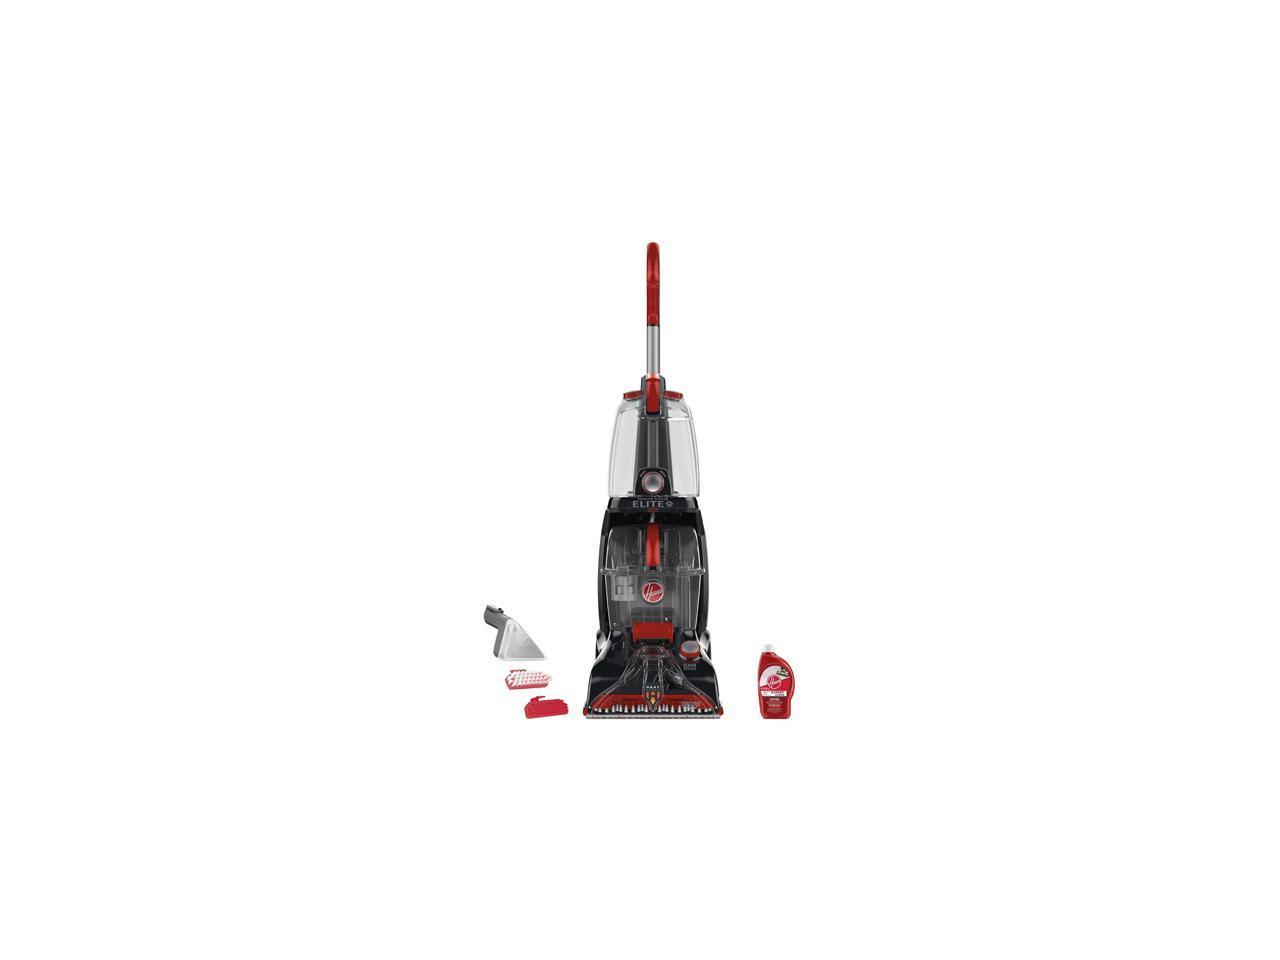 Newegg: Hoover Power Scrub Elite Pet Carpet Cleaner / Washer FH50251